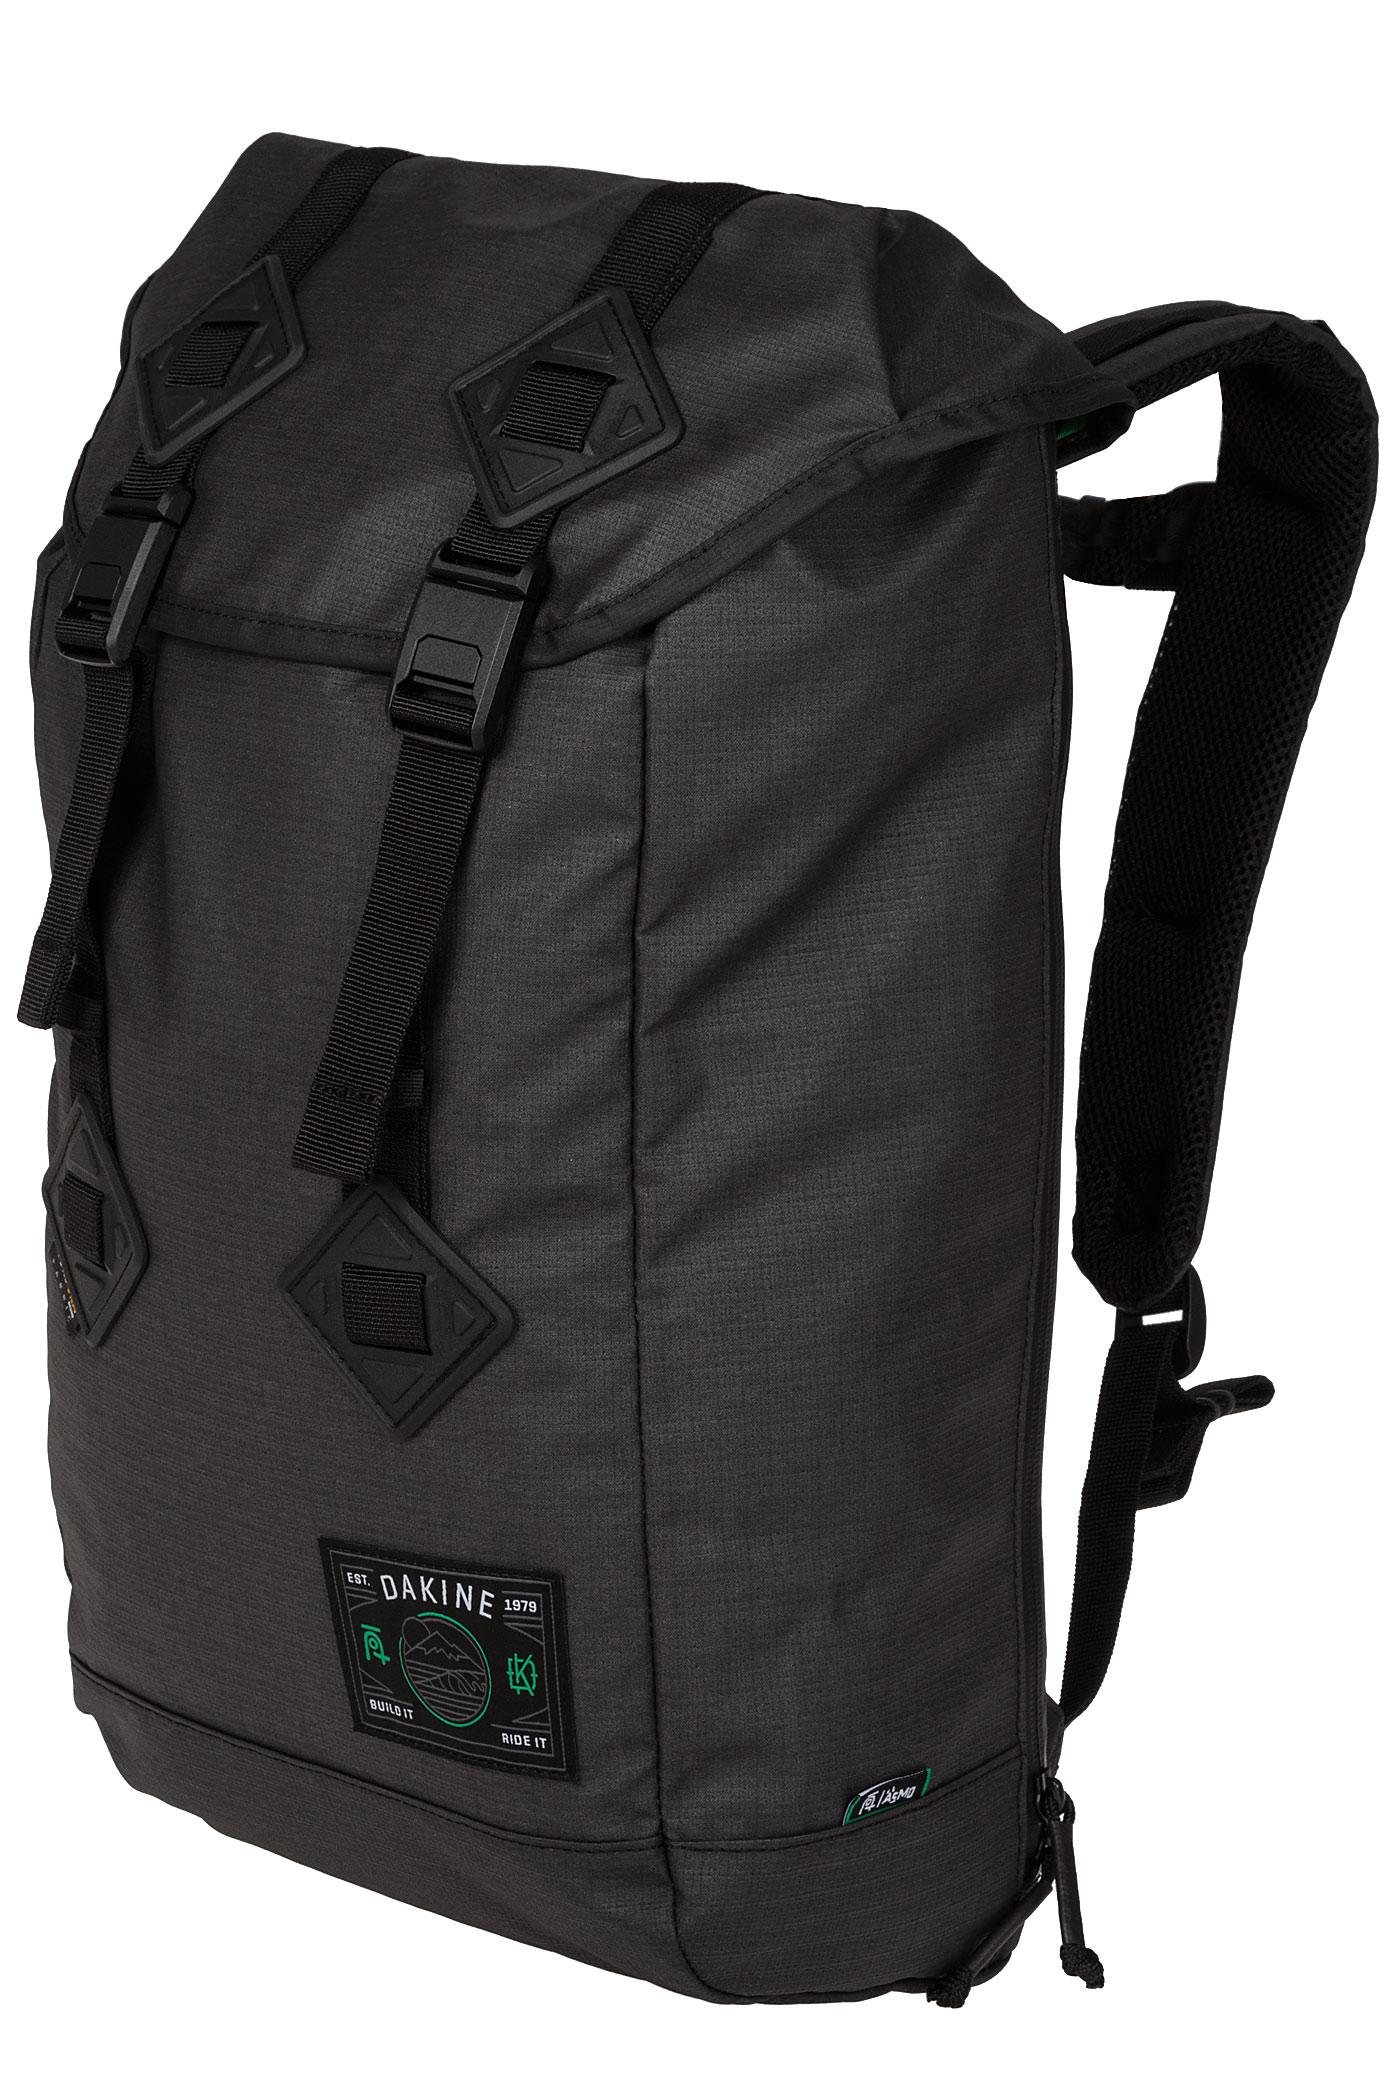 Dakine Aesmo Trek II Backpack 26L (aesmo) buy at skatedeluxe